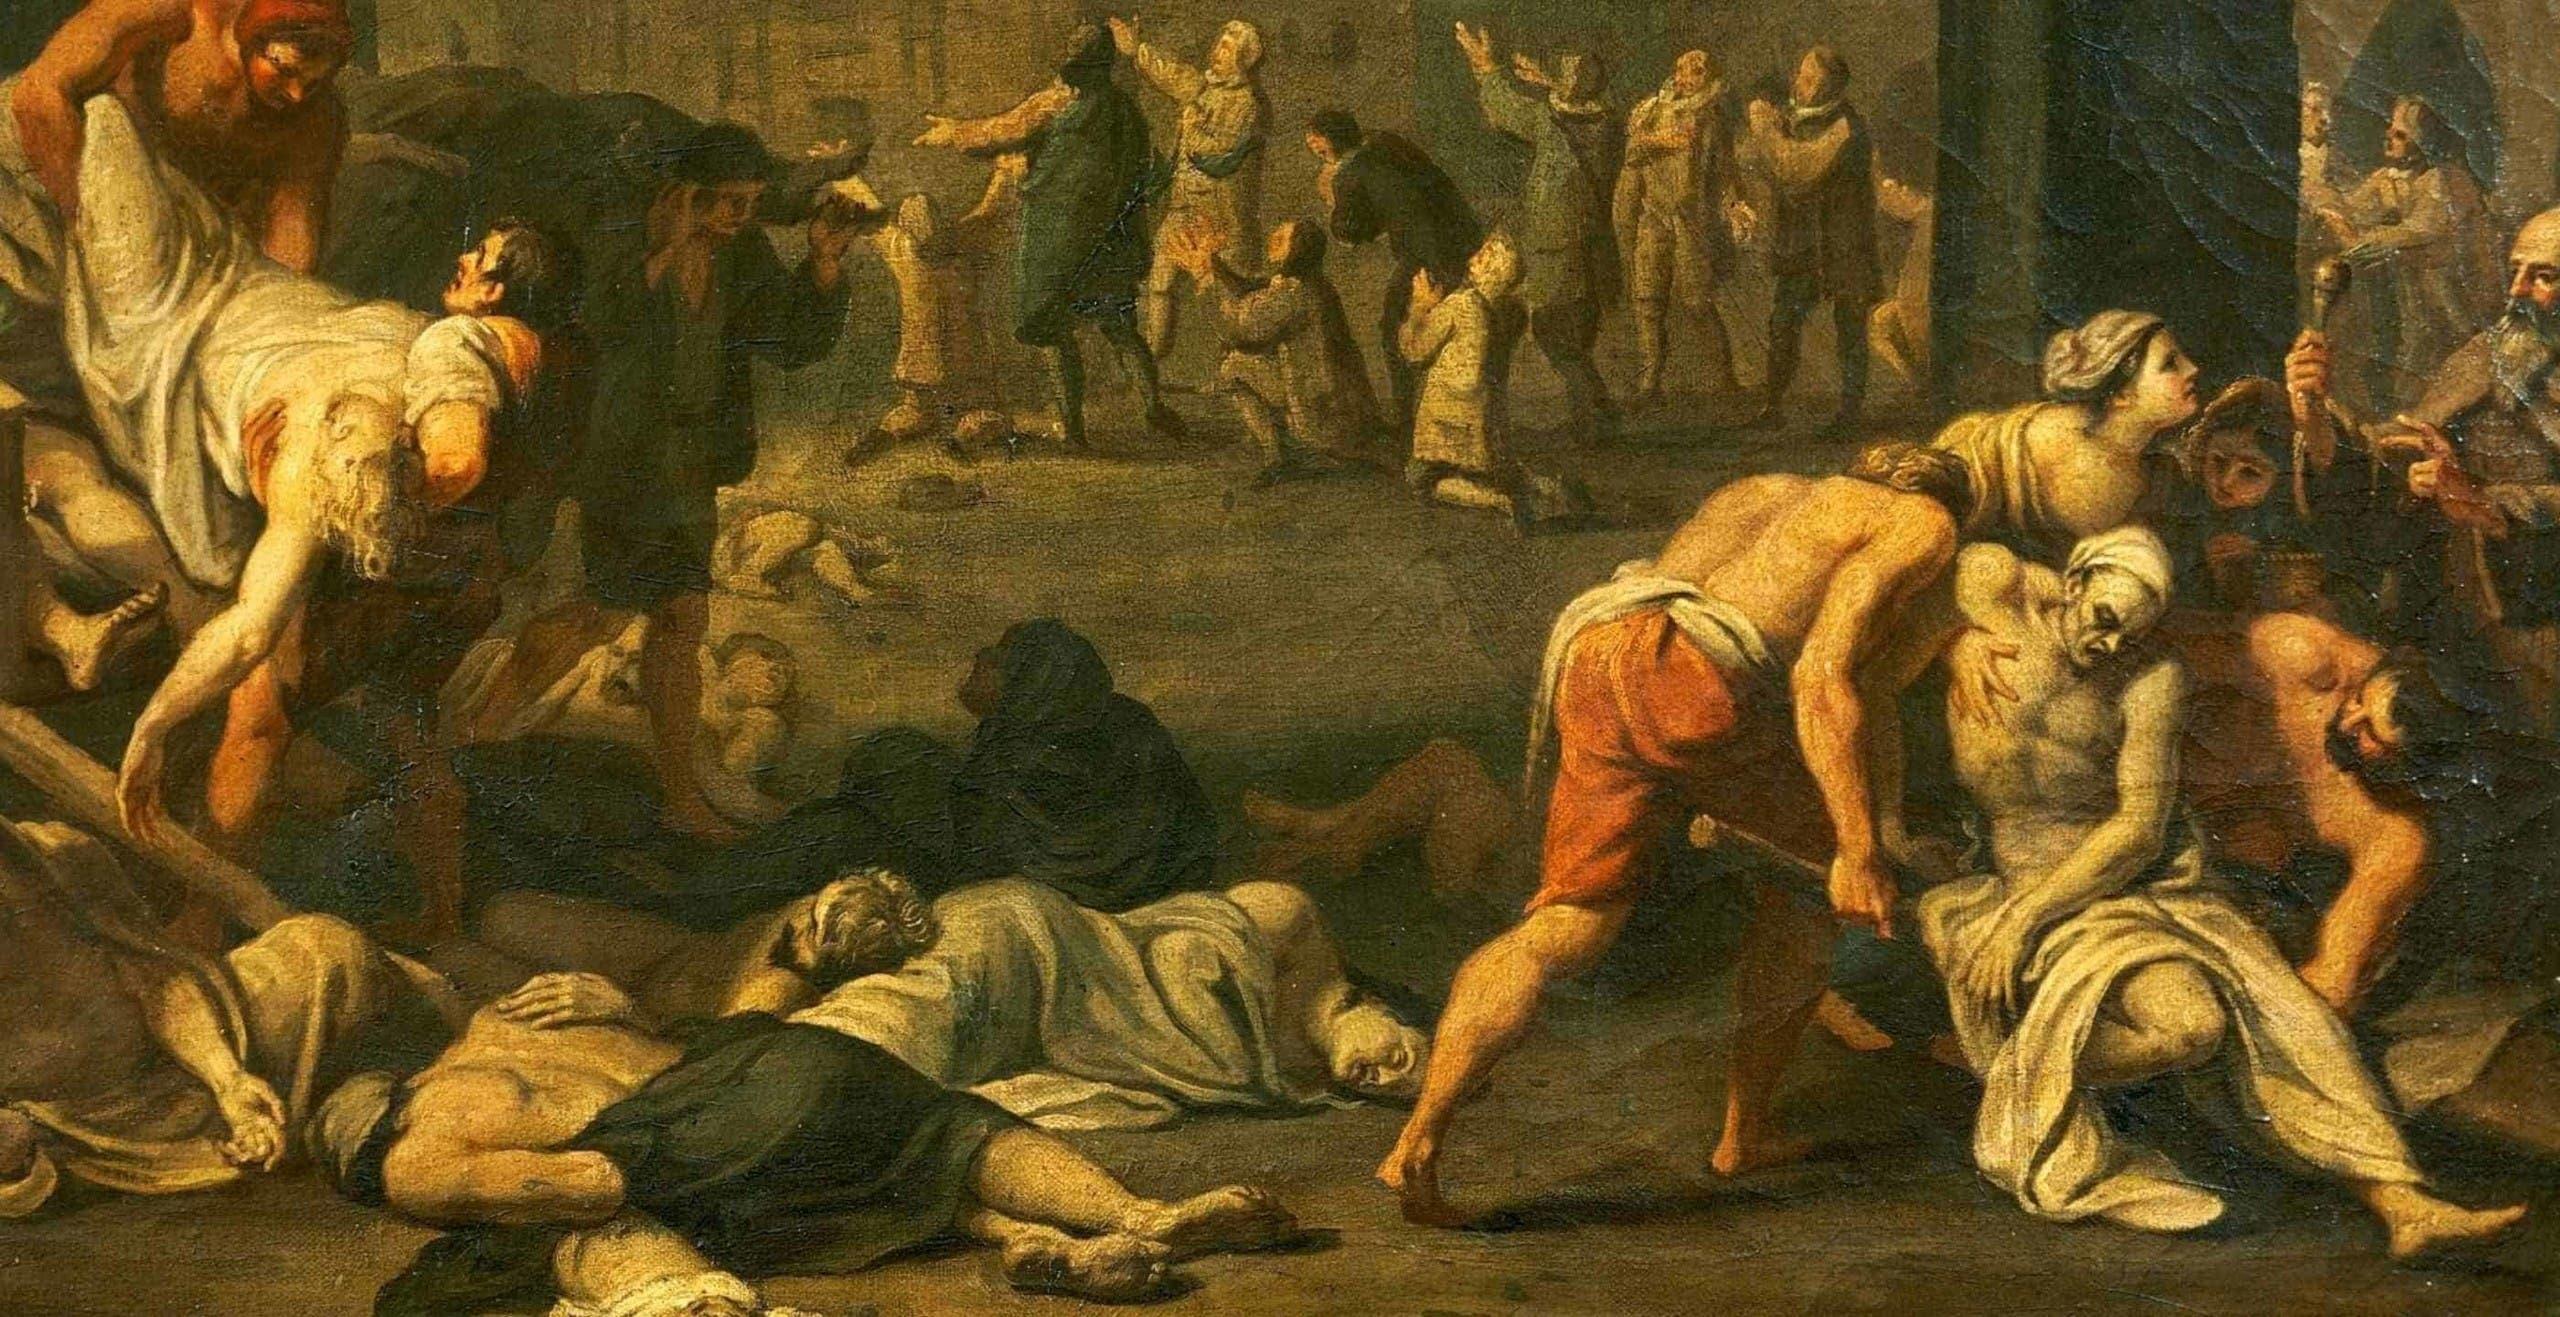 لوحة تجسد انتشار الجثث بسبب الطاعون الأسود